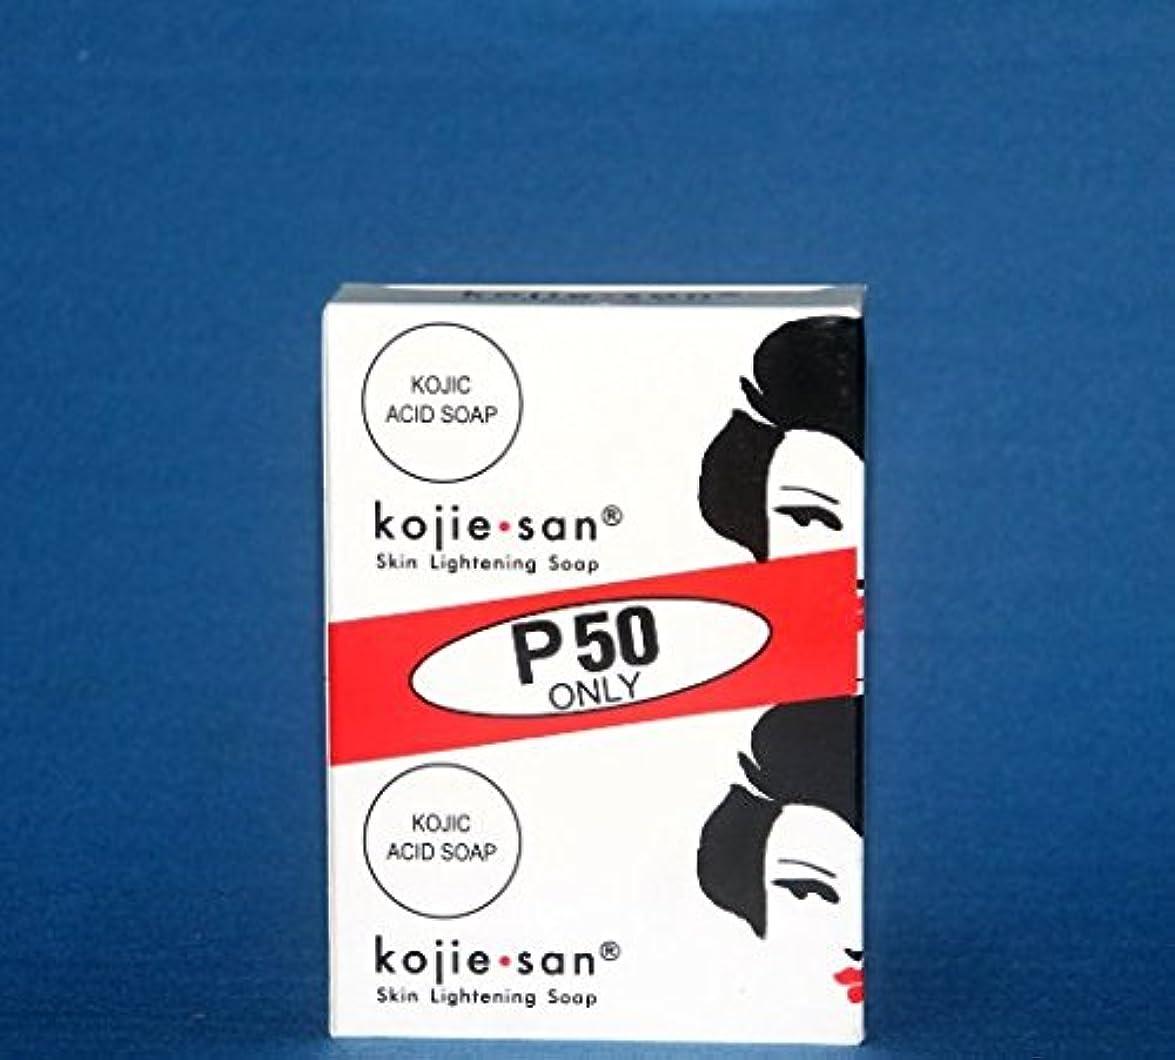 綺麗な資金外科医Kojie san Skin Lightening Soap 2 pcs こじえさん スキンライトニングソープ 2個 パック [並行輸入品]